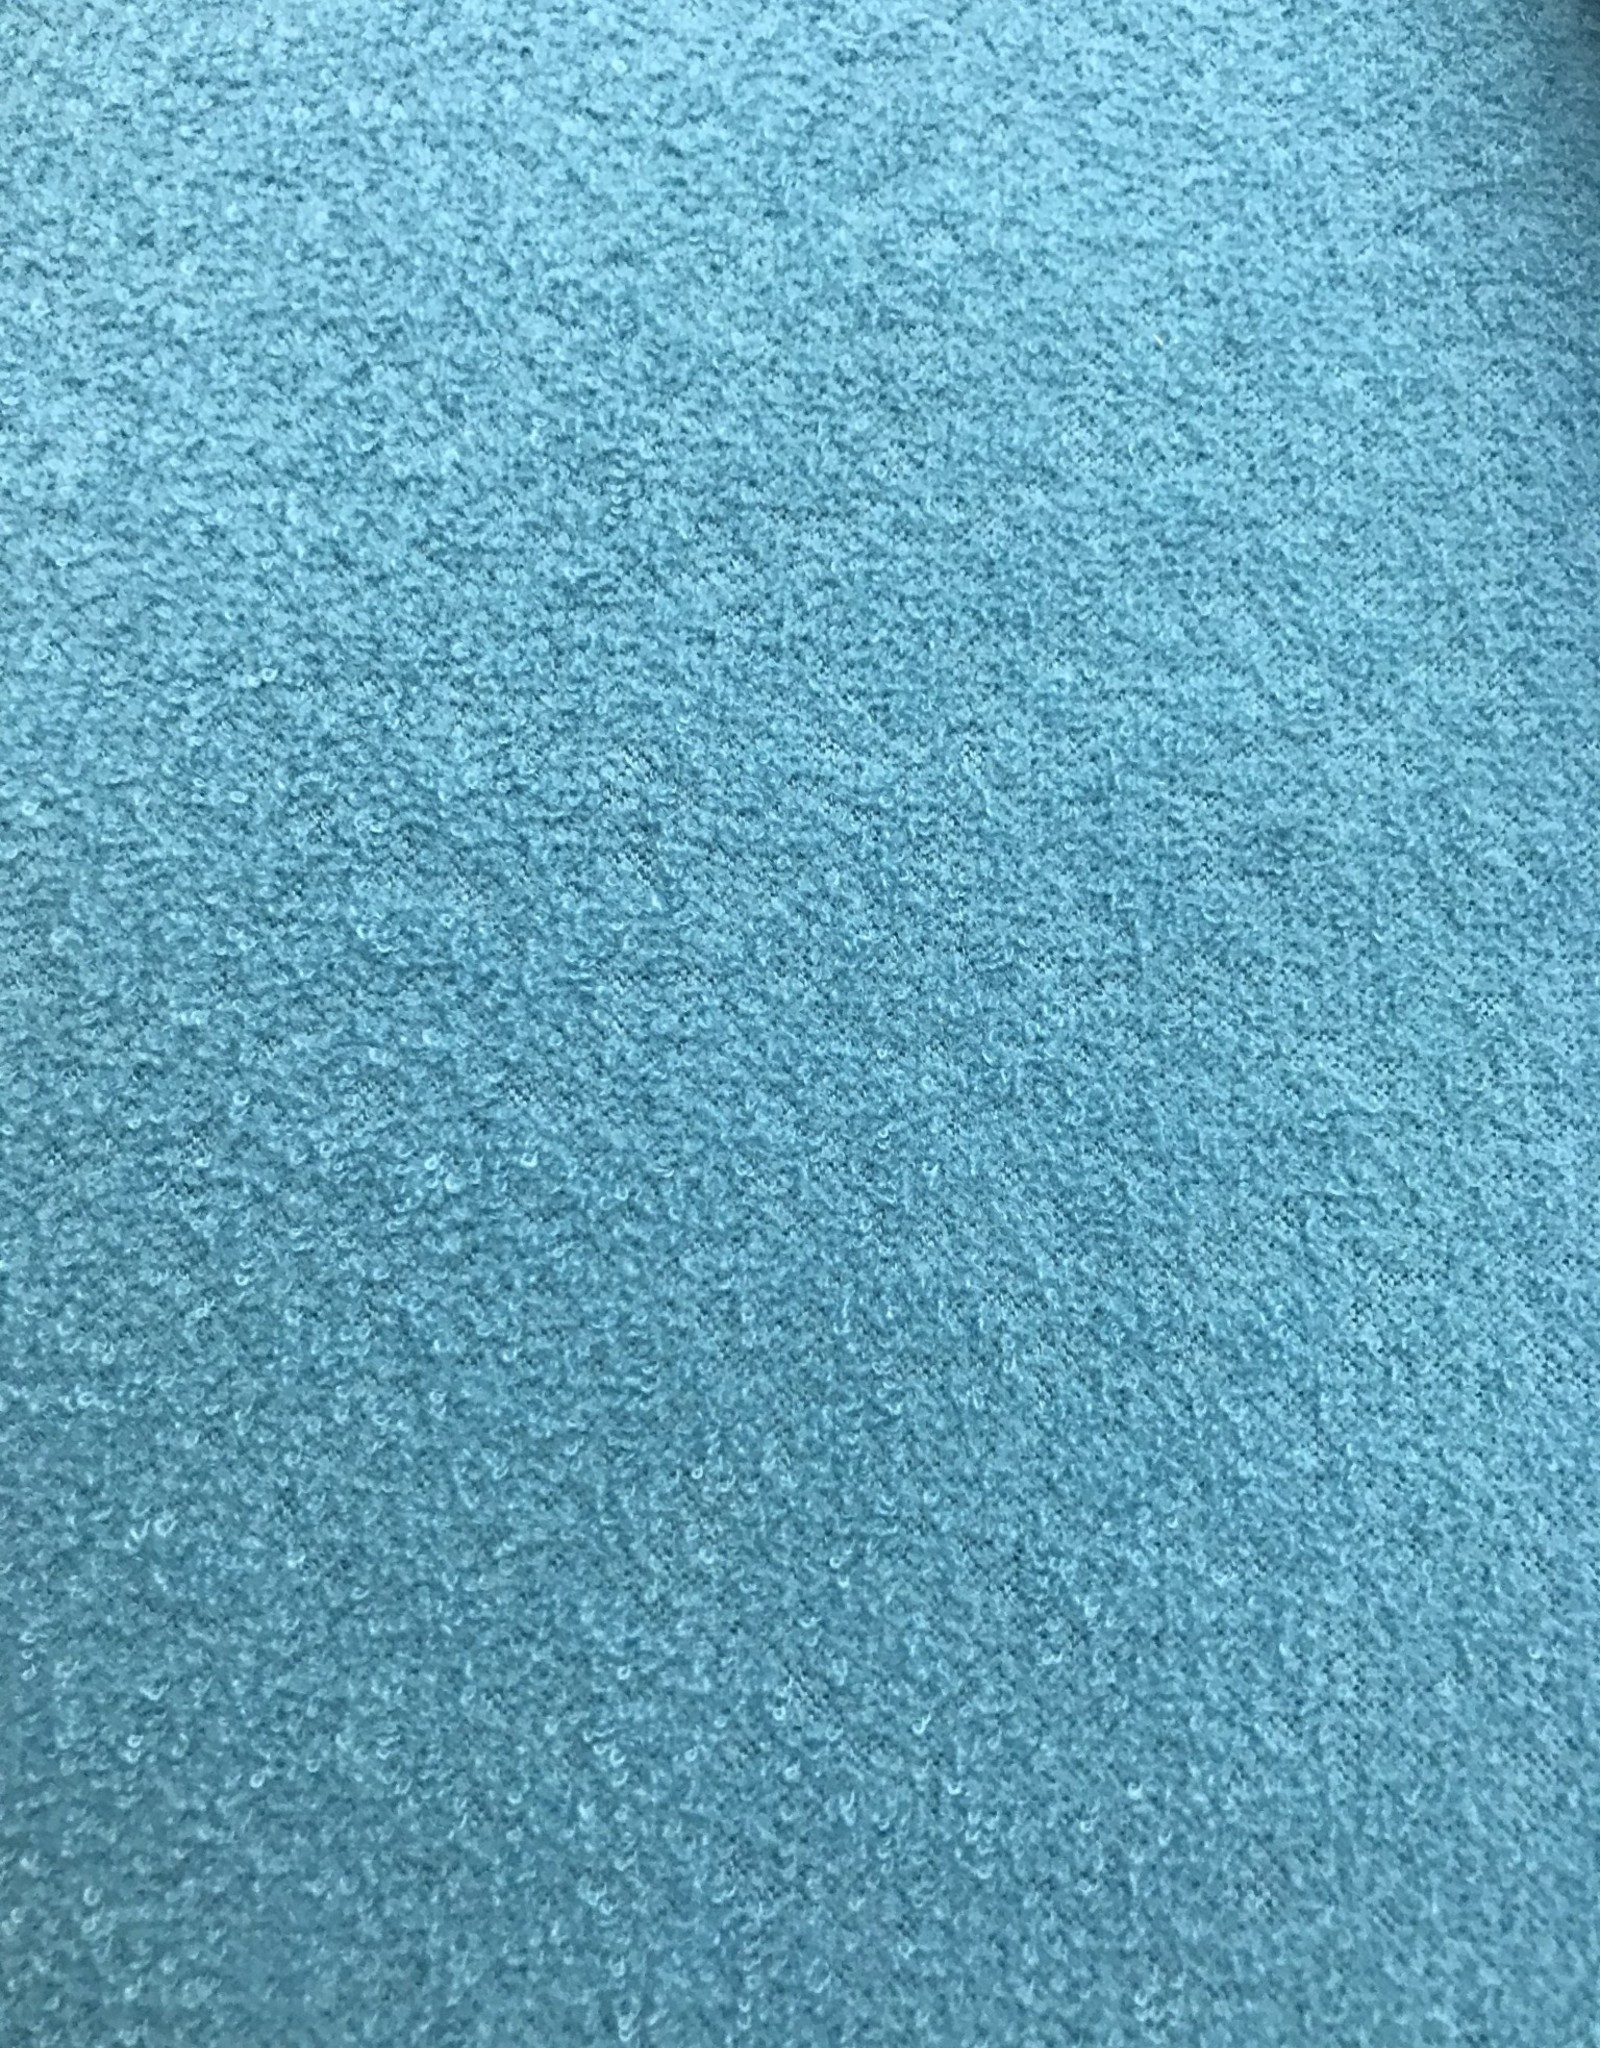 Hilco Fleece turquoise